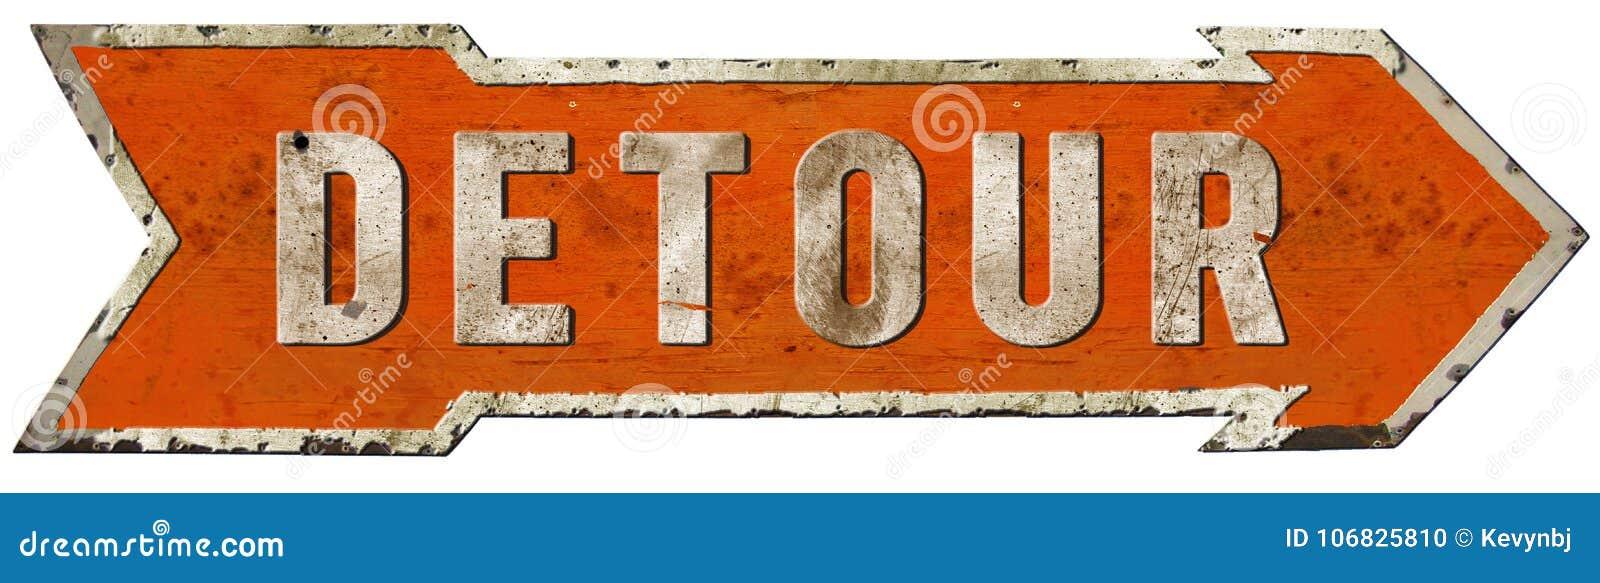 Detour Road Sign Vintage